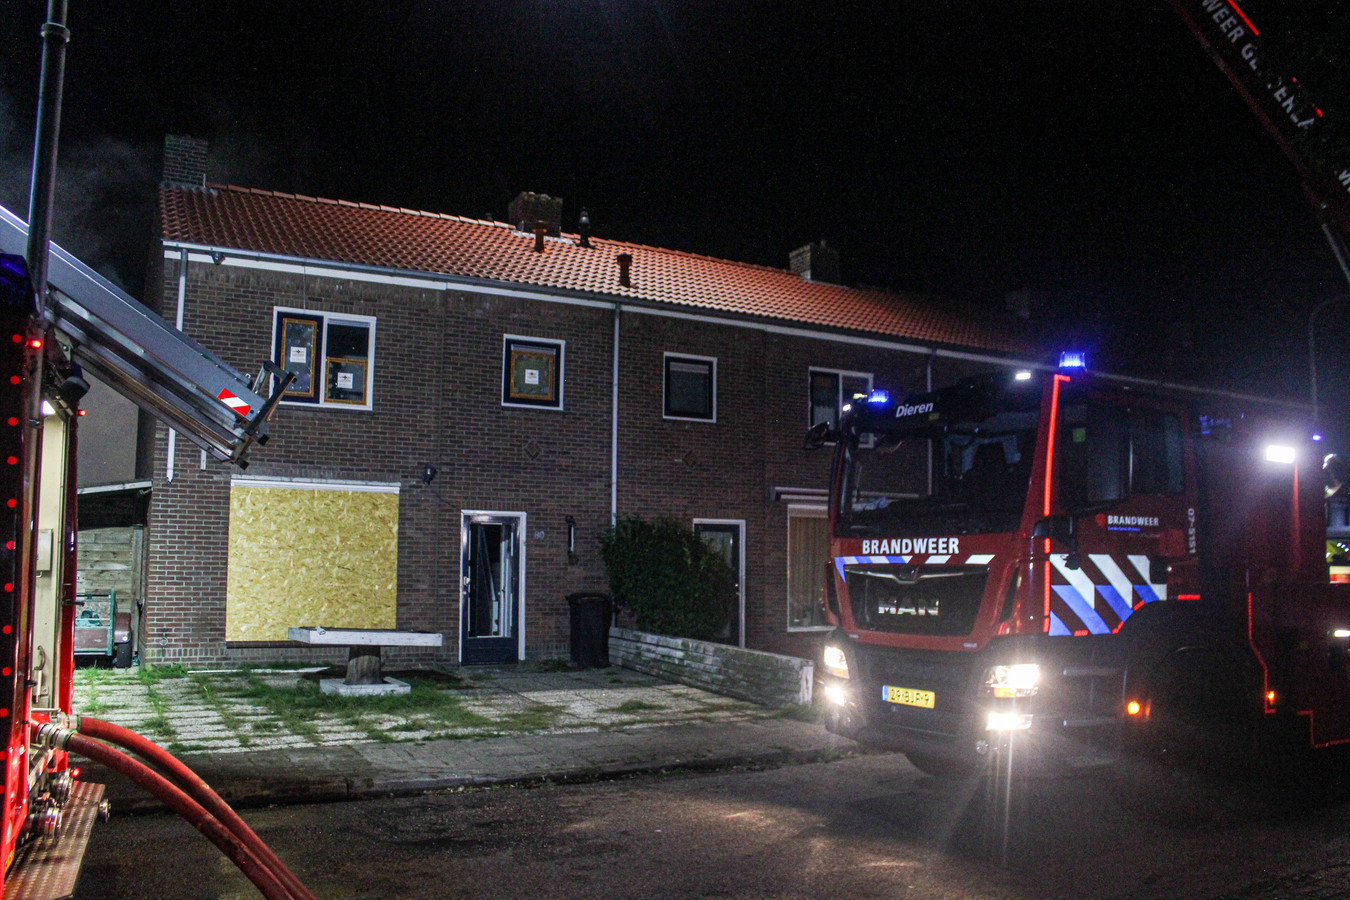 Aan de voorzijde van de woning is een ruit kapot.